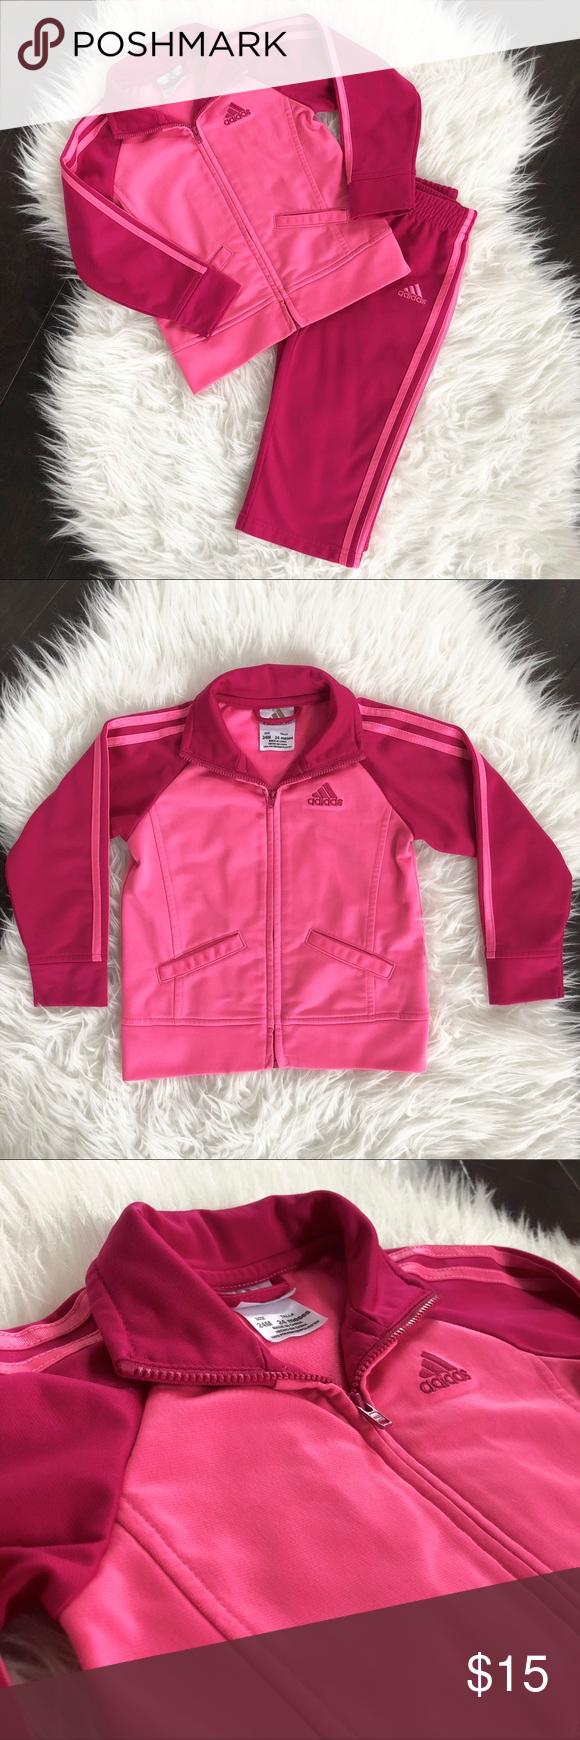 adidas Matching Sets   Baby Tracksuit   Poshmark